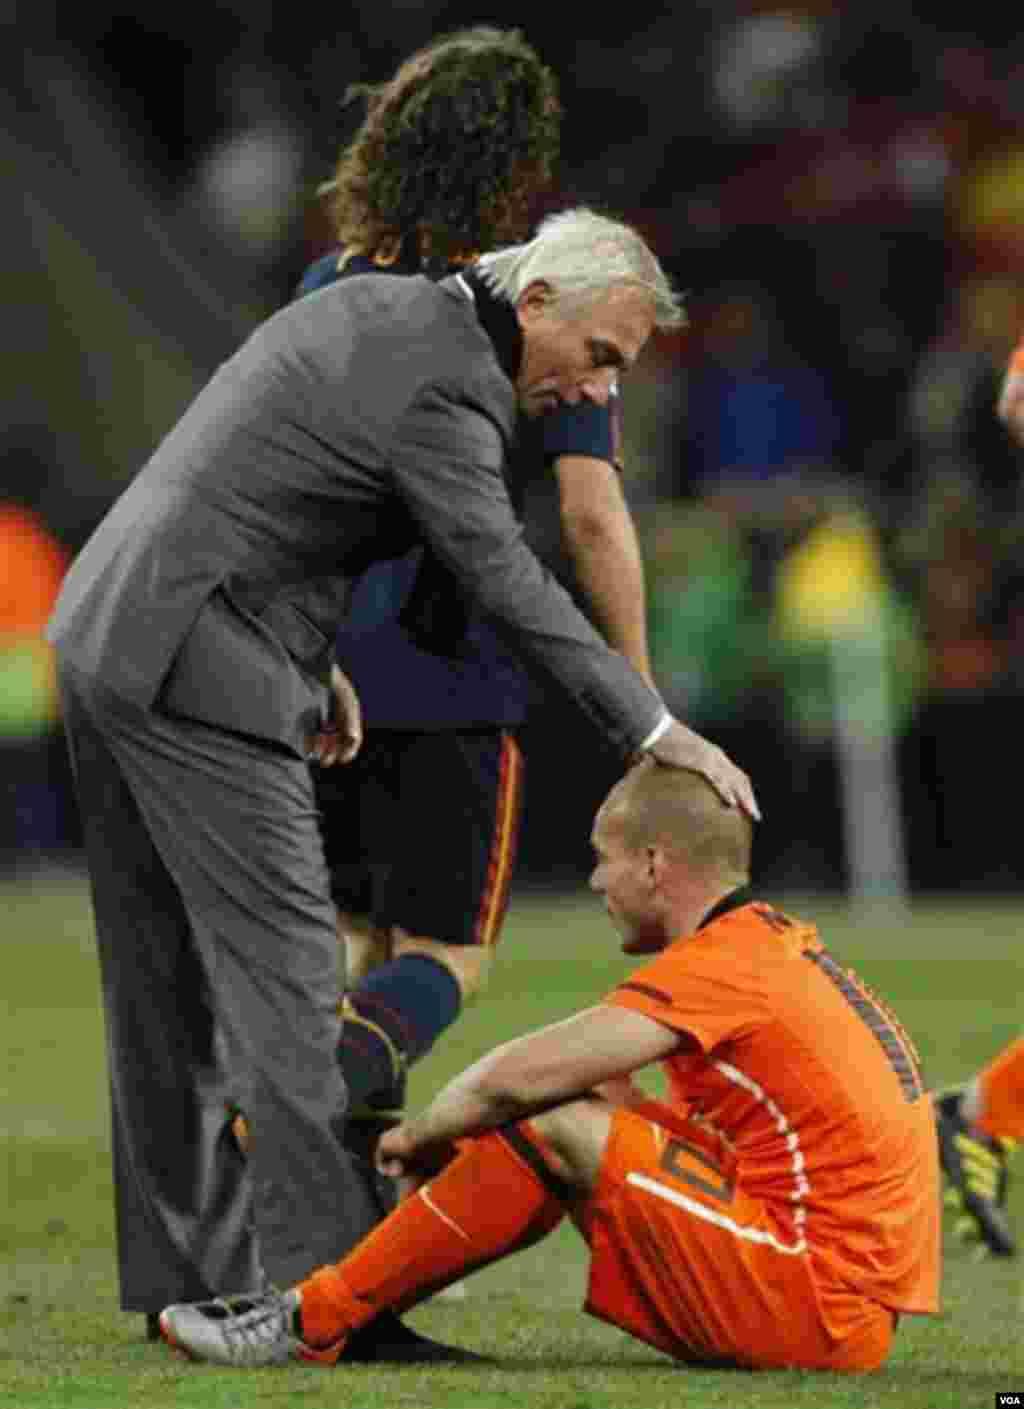 Holandija je poražena i u trećem finalu Mondijala: trener Bert van Marvijk tješi najboljeg strijelca ekipe Veslija Snajdera, nakon poraza od Španije 1:0 (AP Photo/Bernat Armangue)